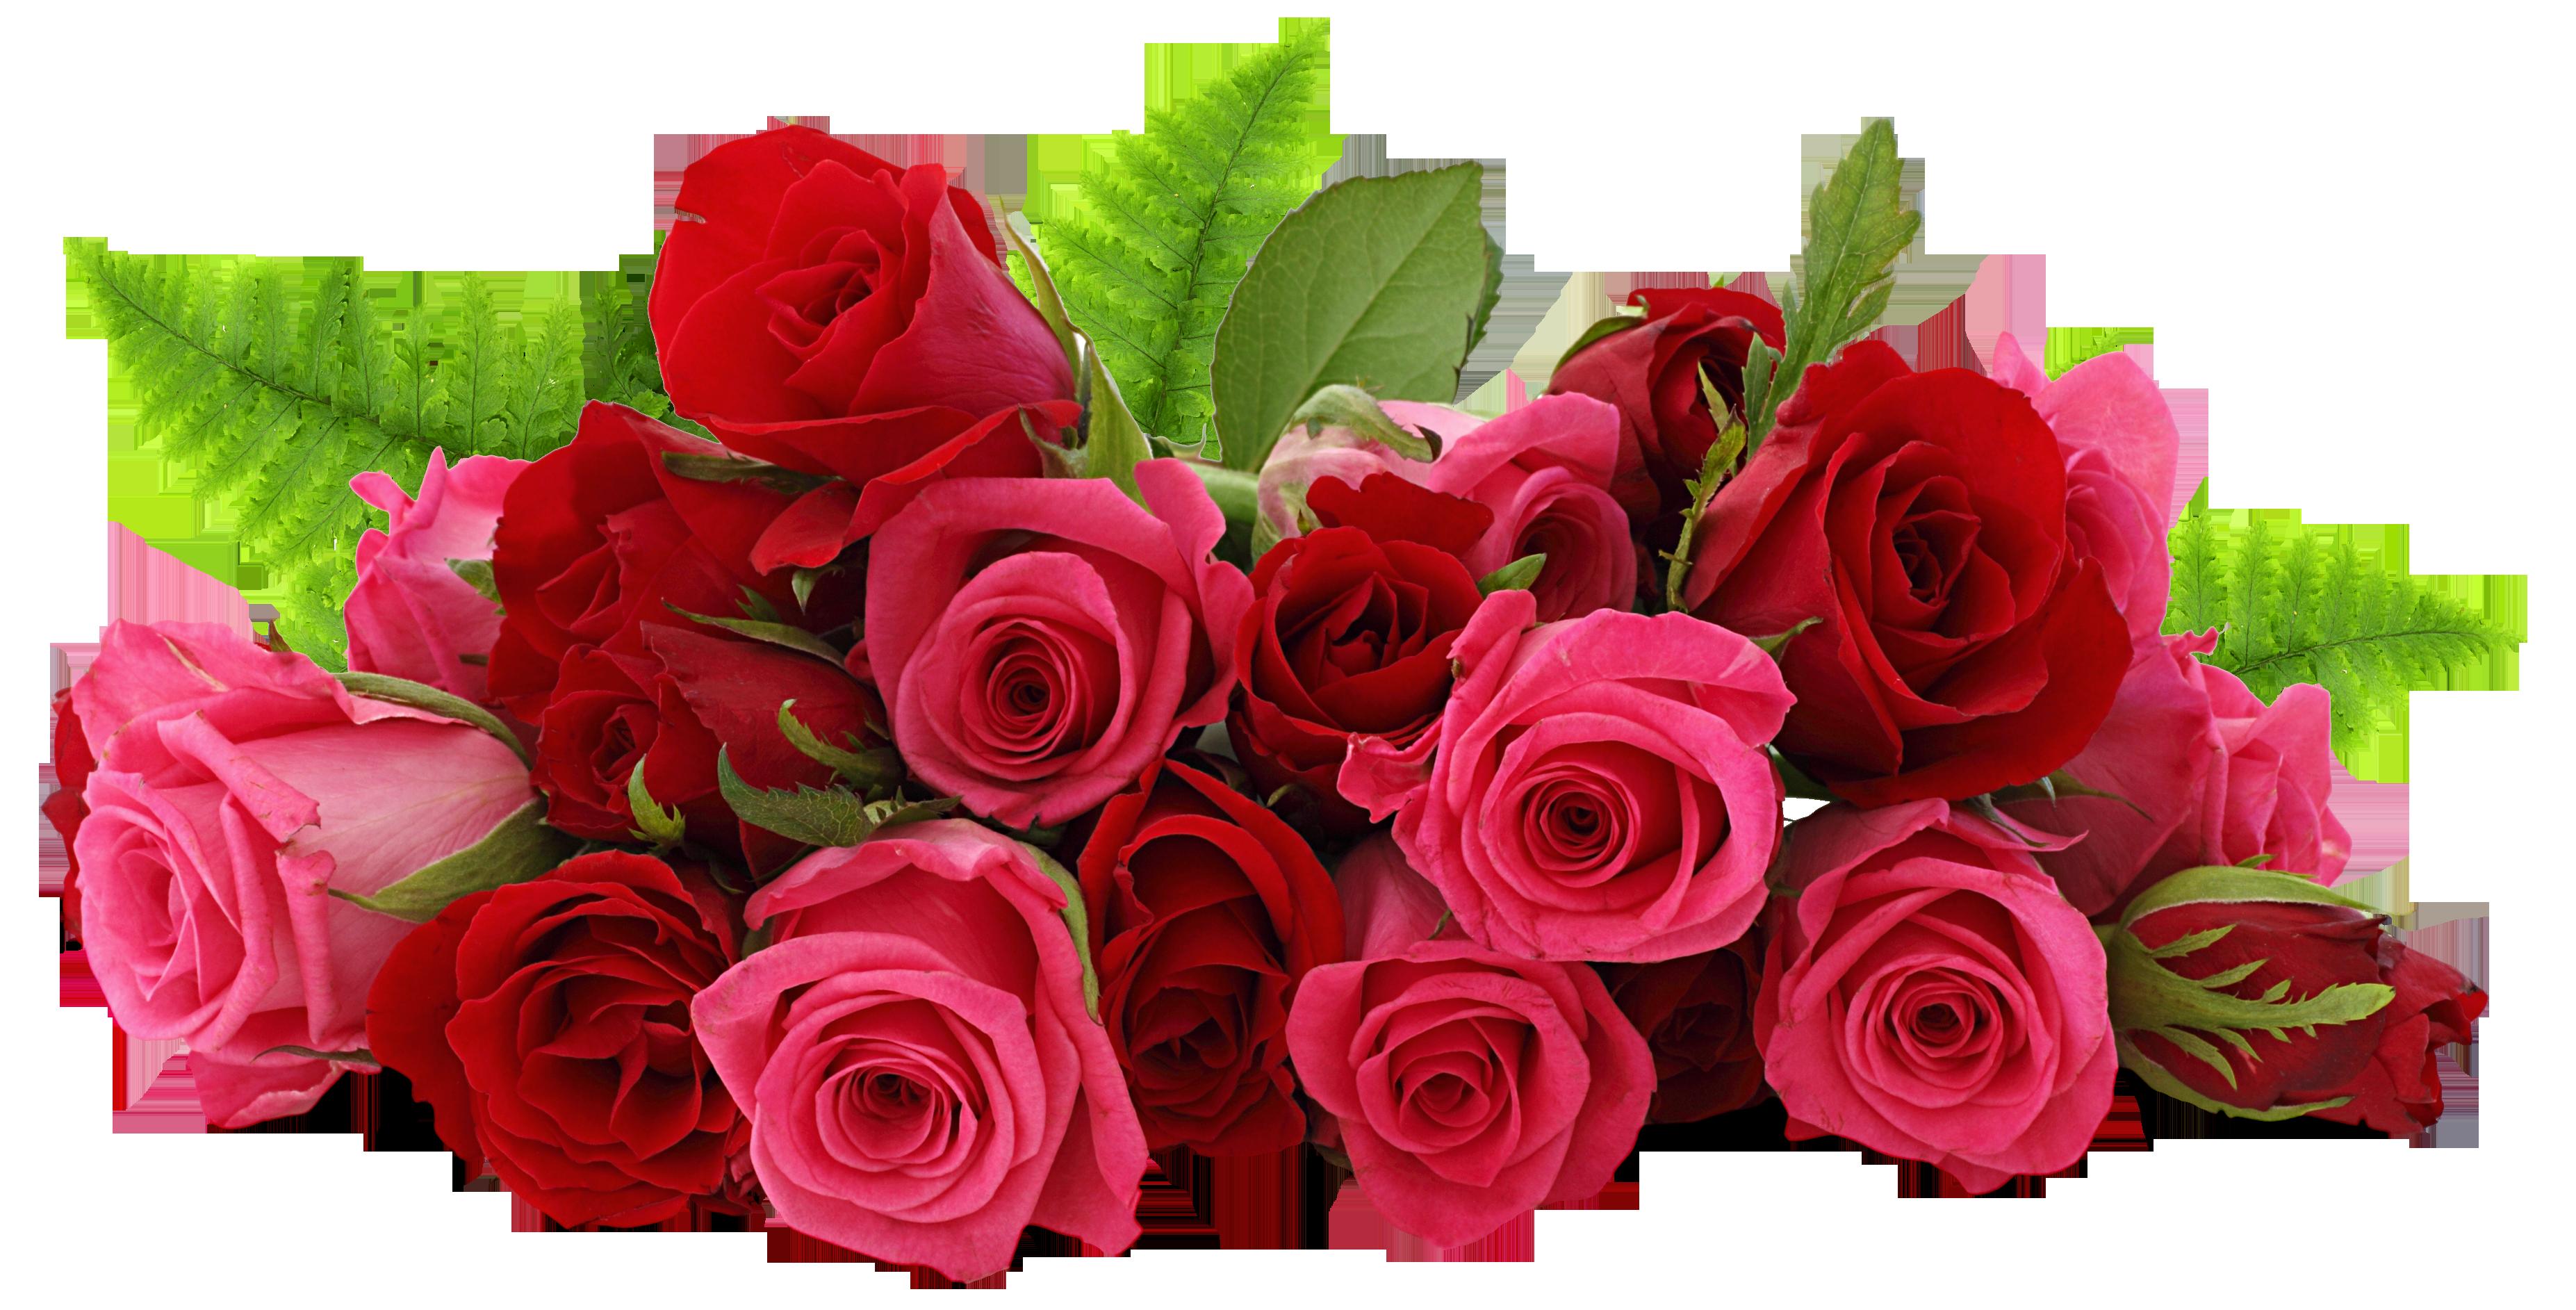 Rose PNG HD - 125291